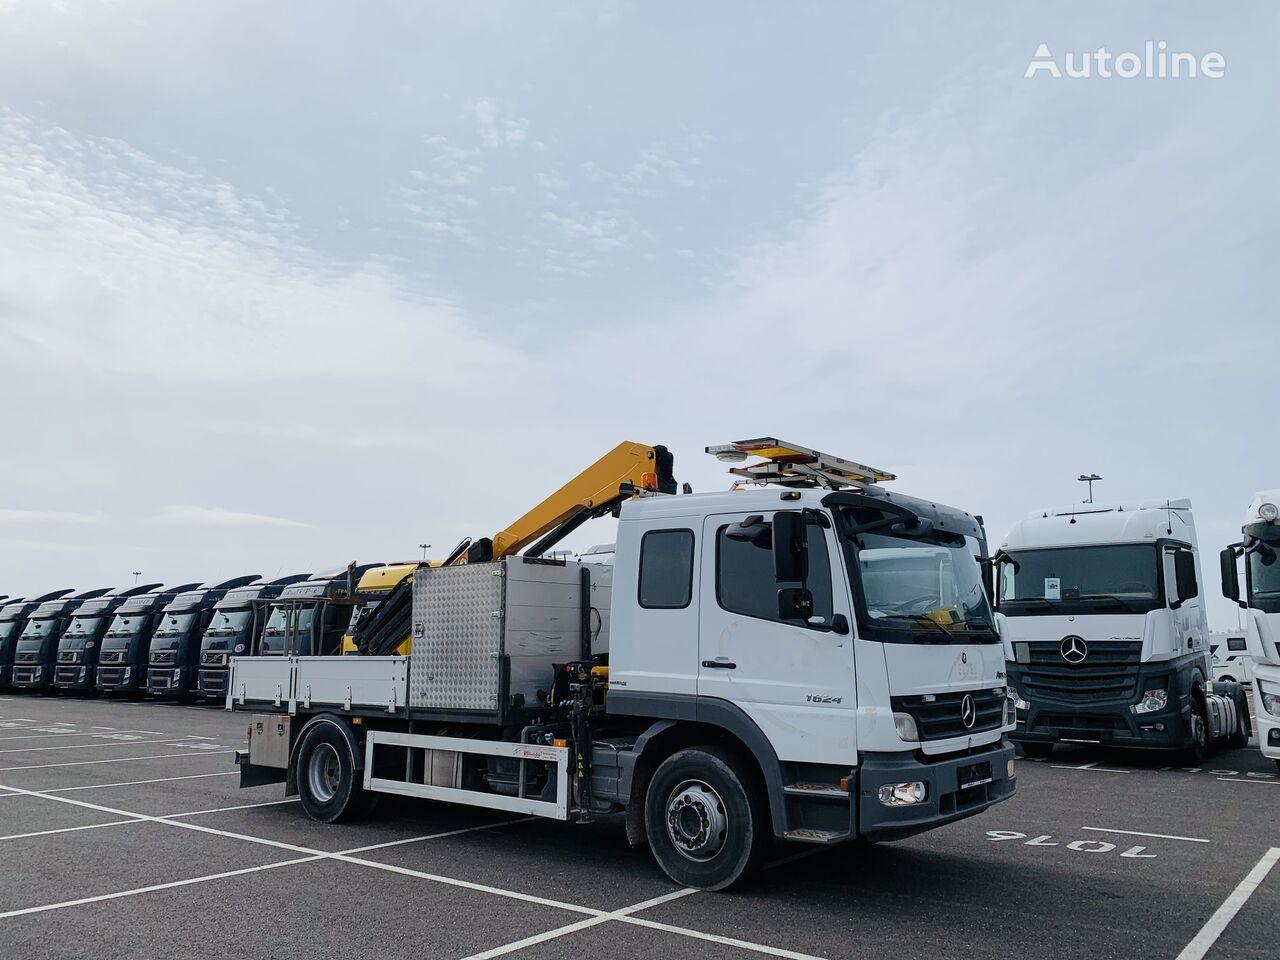 MERCEDES-BENZ 1624 L Atego su KRANU flatbed truck